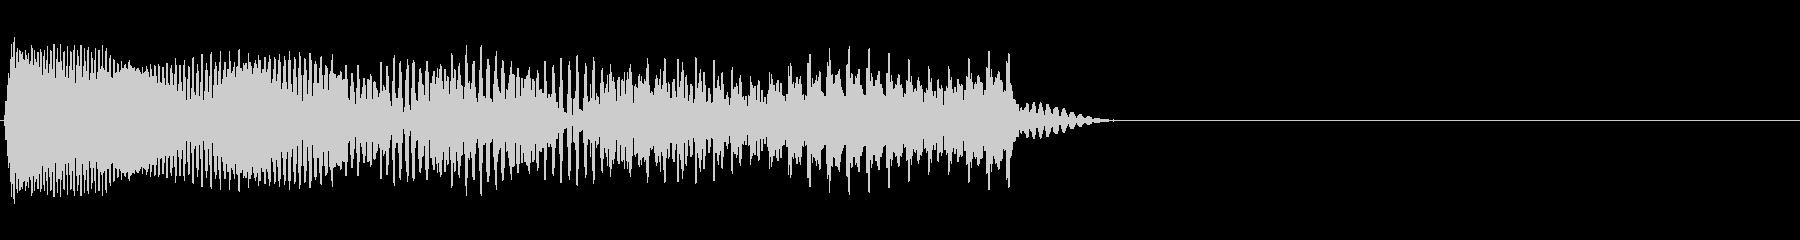 ベースドロップ/ドゥーン/アイキャッチの未再生の波形